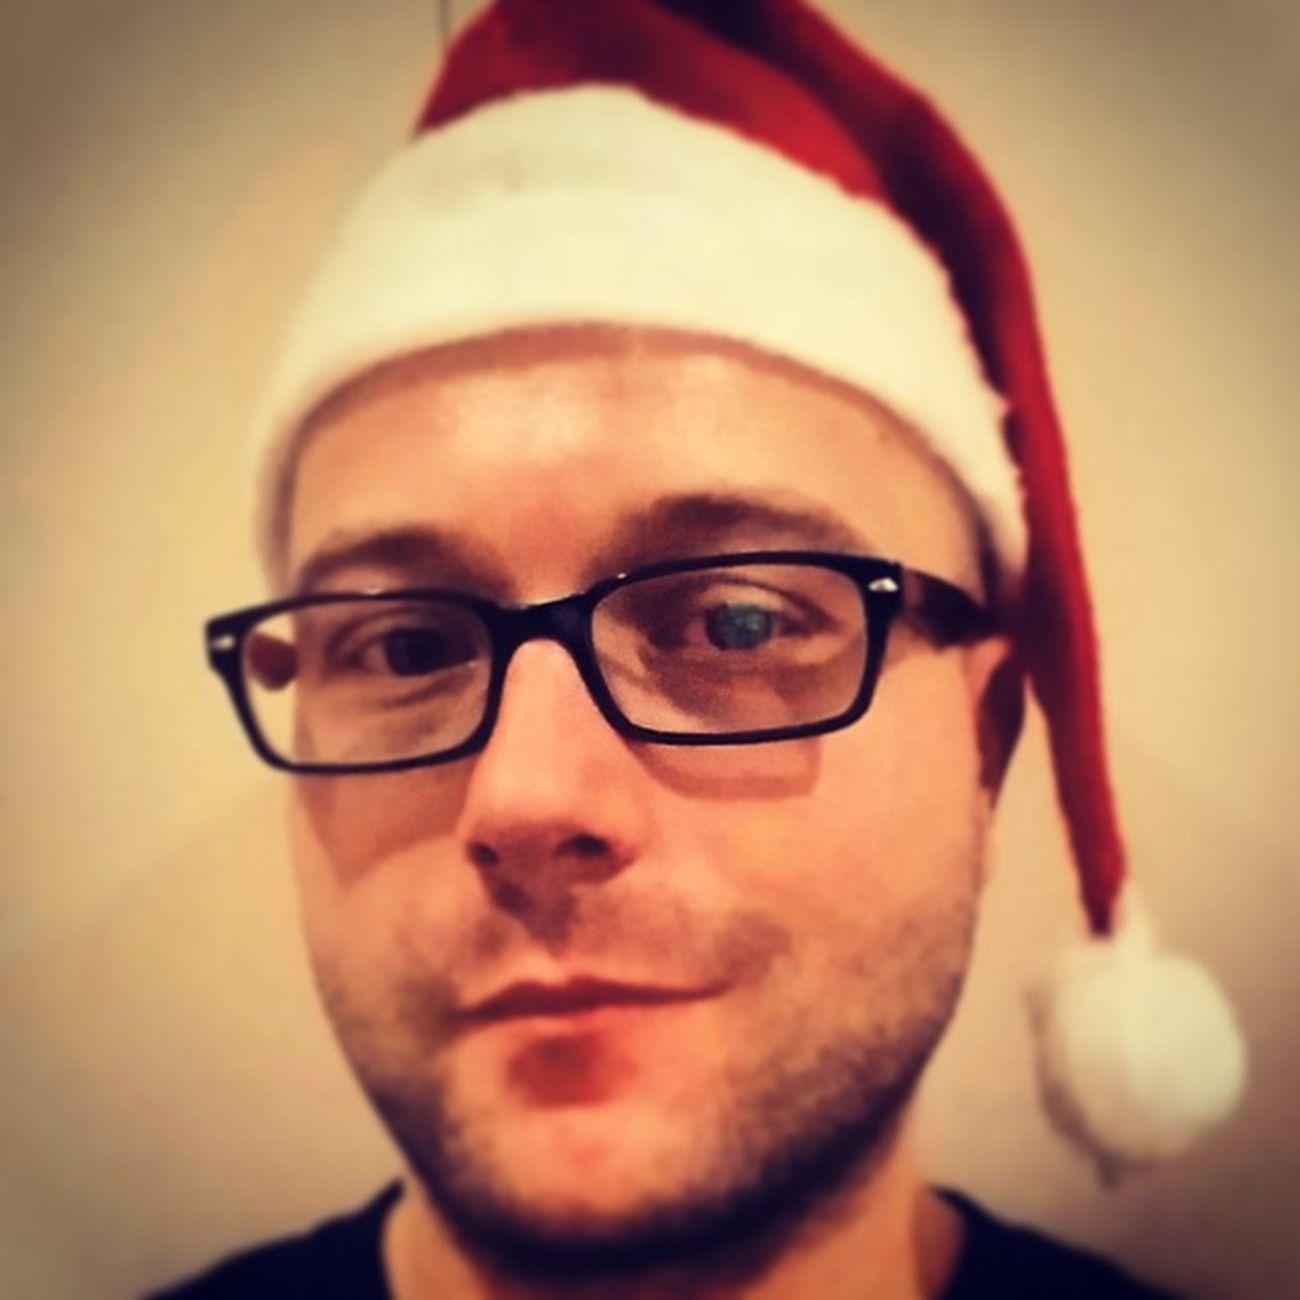 Boldogkarit Boldogkarcsit Karacsony Christmas Mikulassapka Vuvuzella